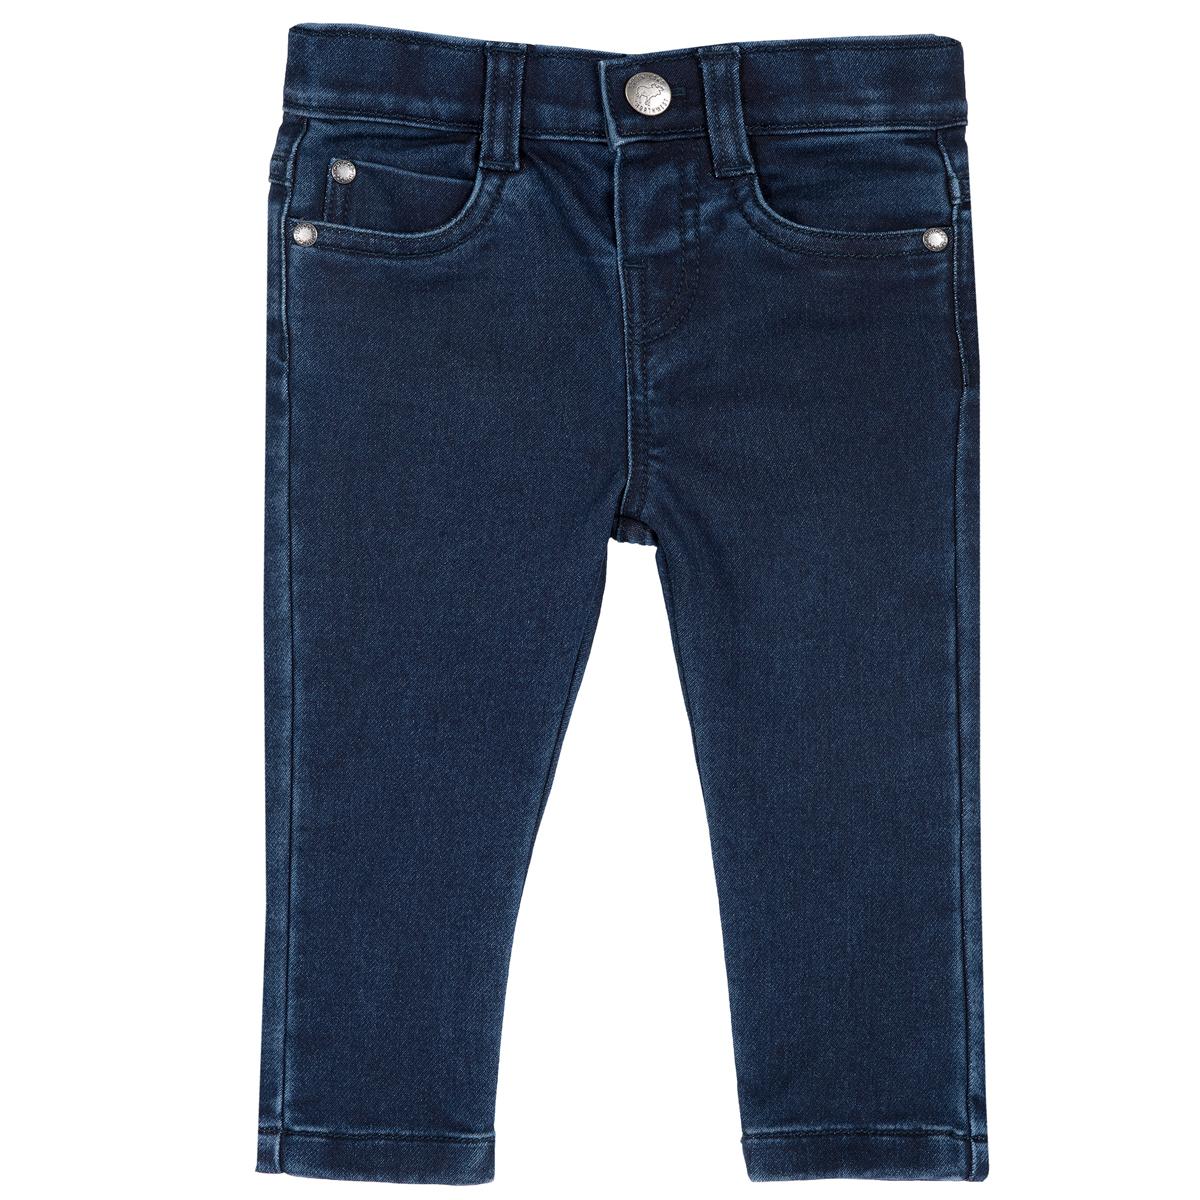 Pantaloni lungi copii Chicco, denim elastic, 08041